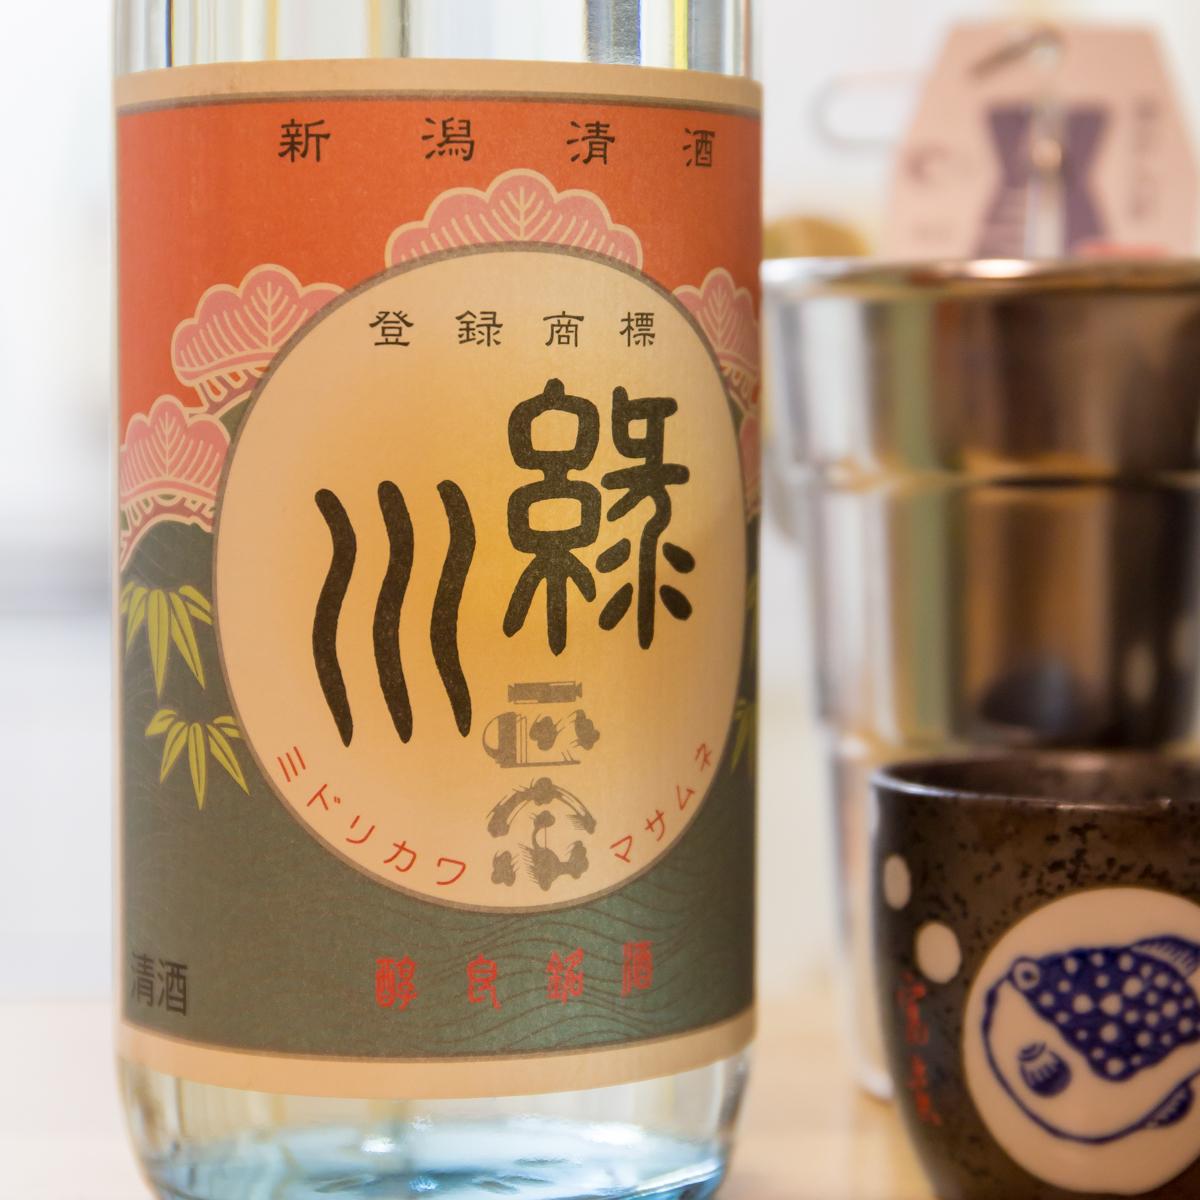 熱燗酒緑川正宗(1)